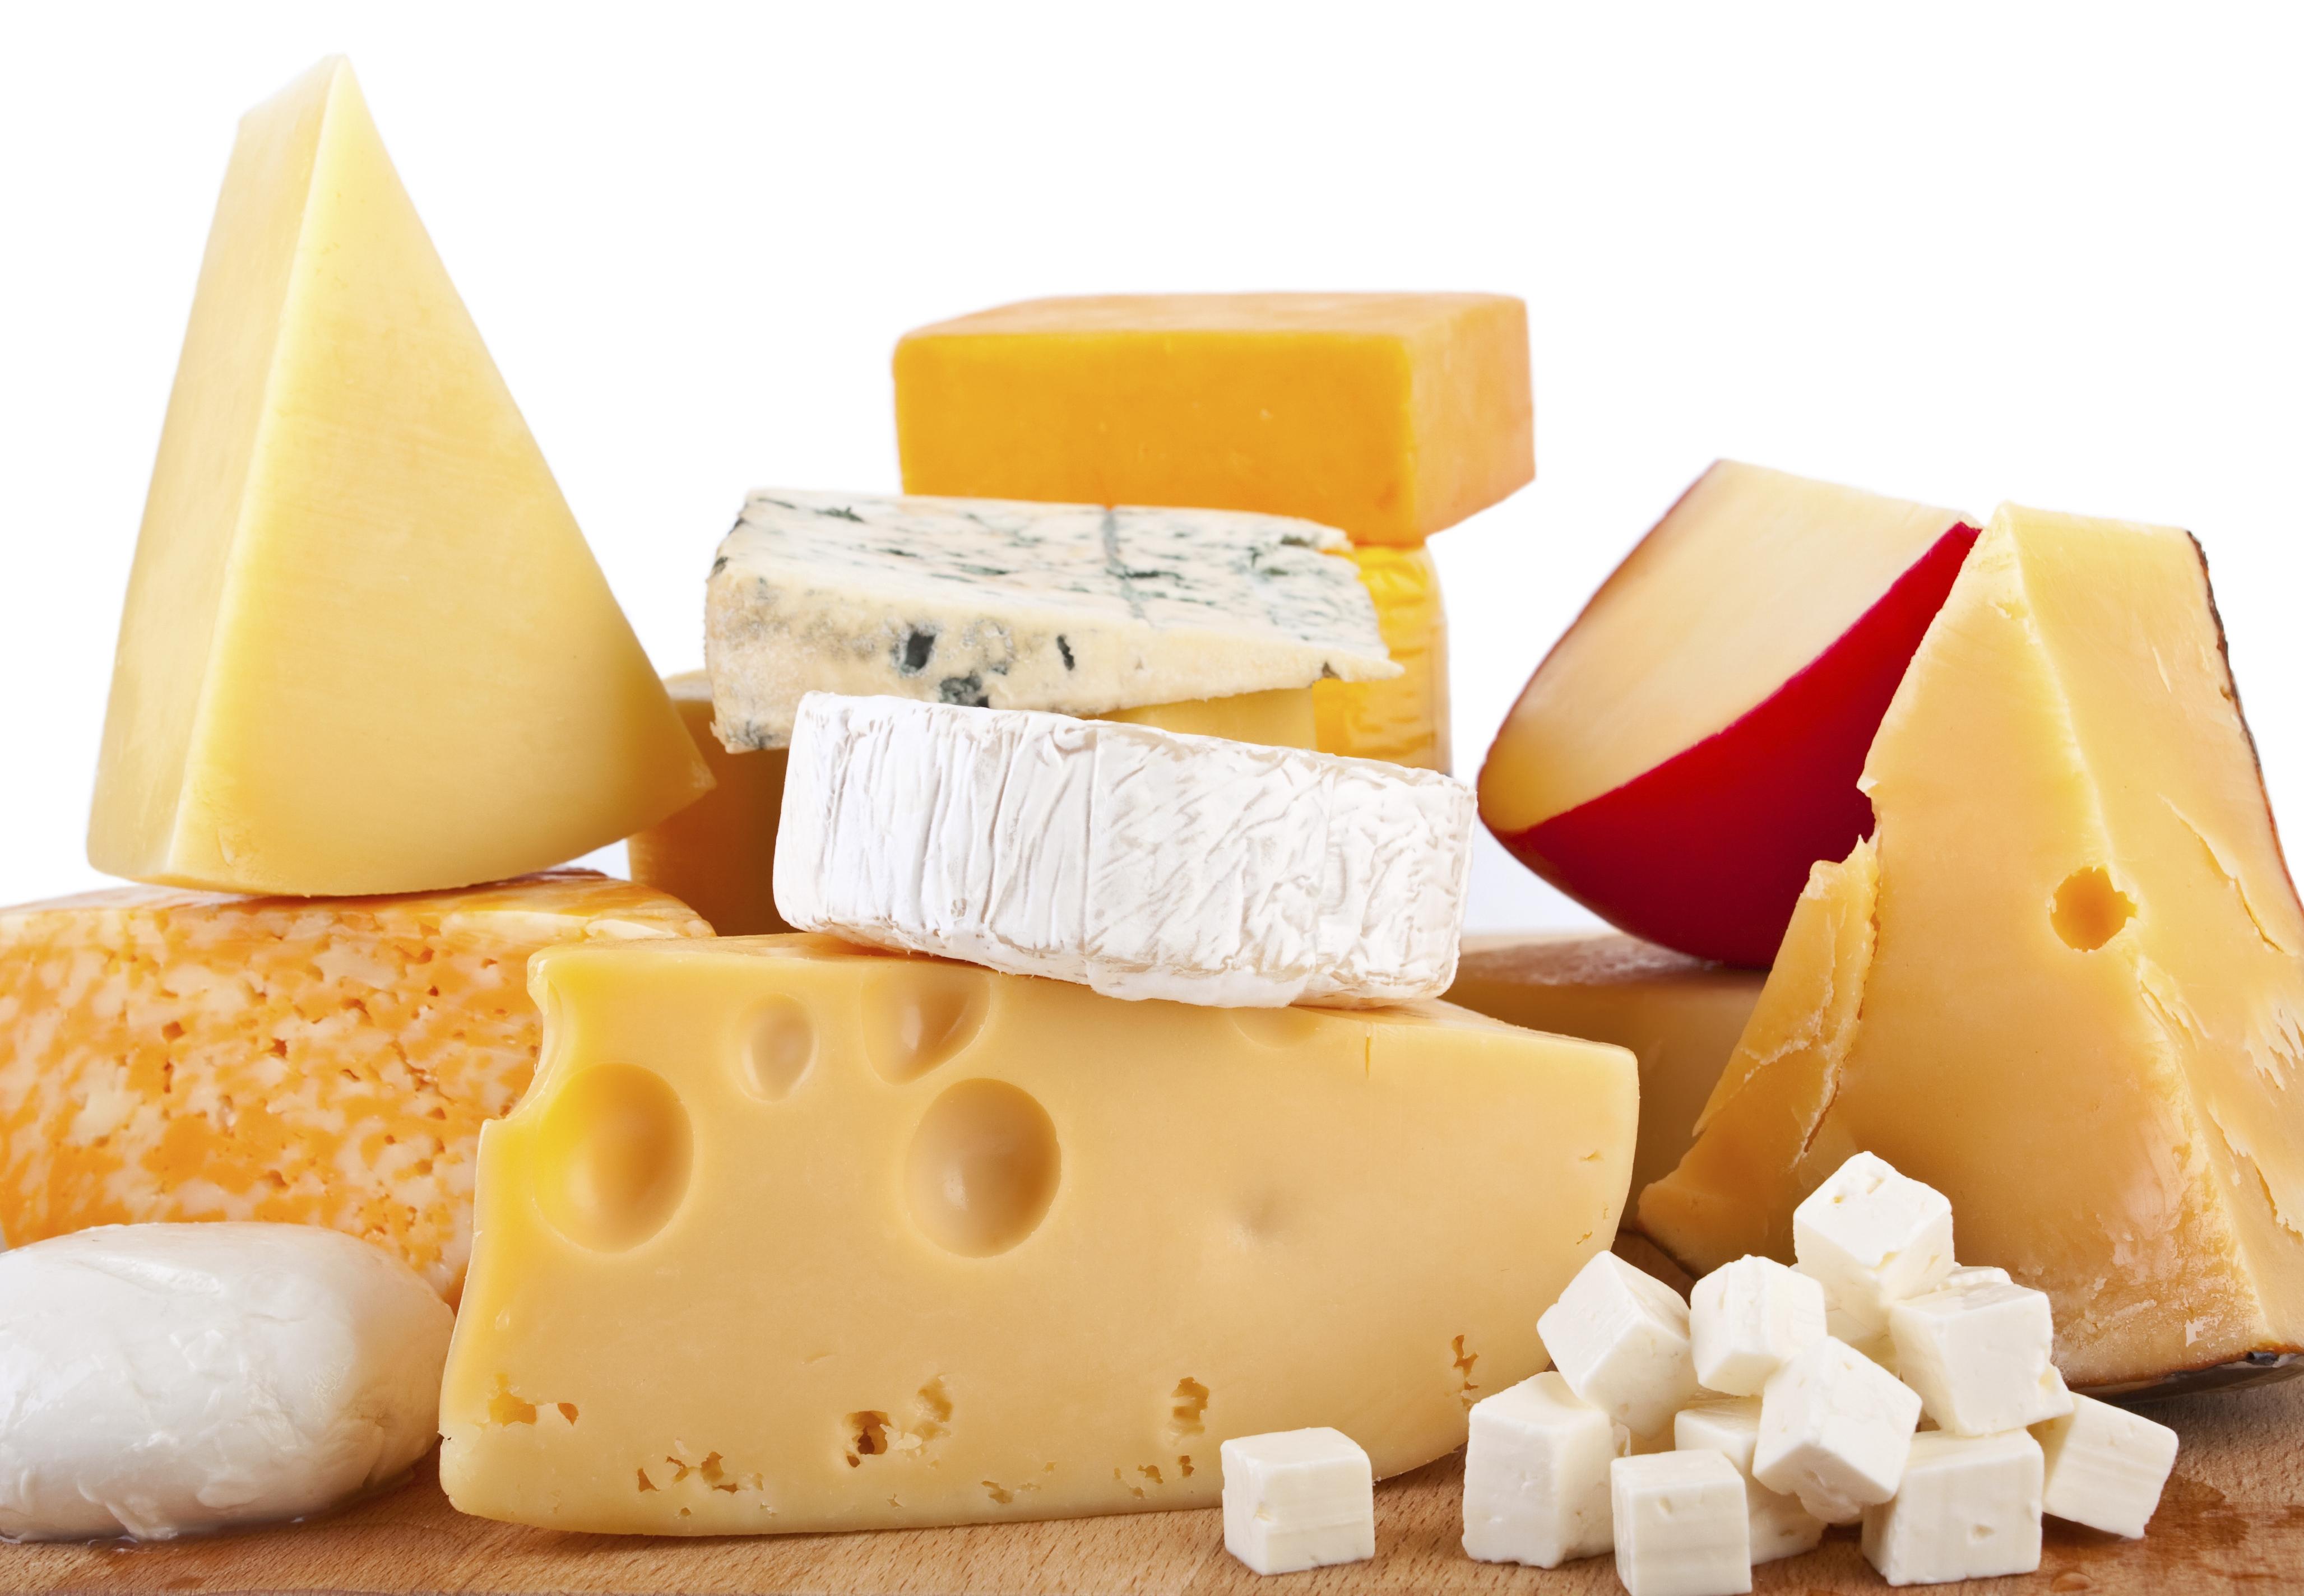 Naughty-cheese